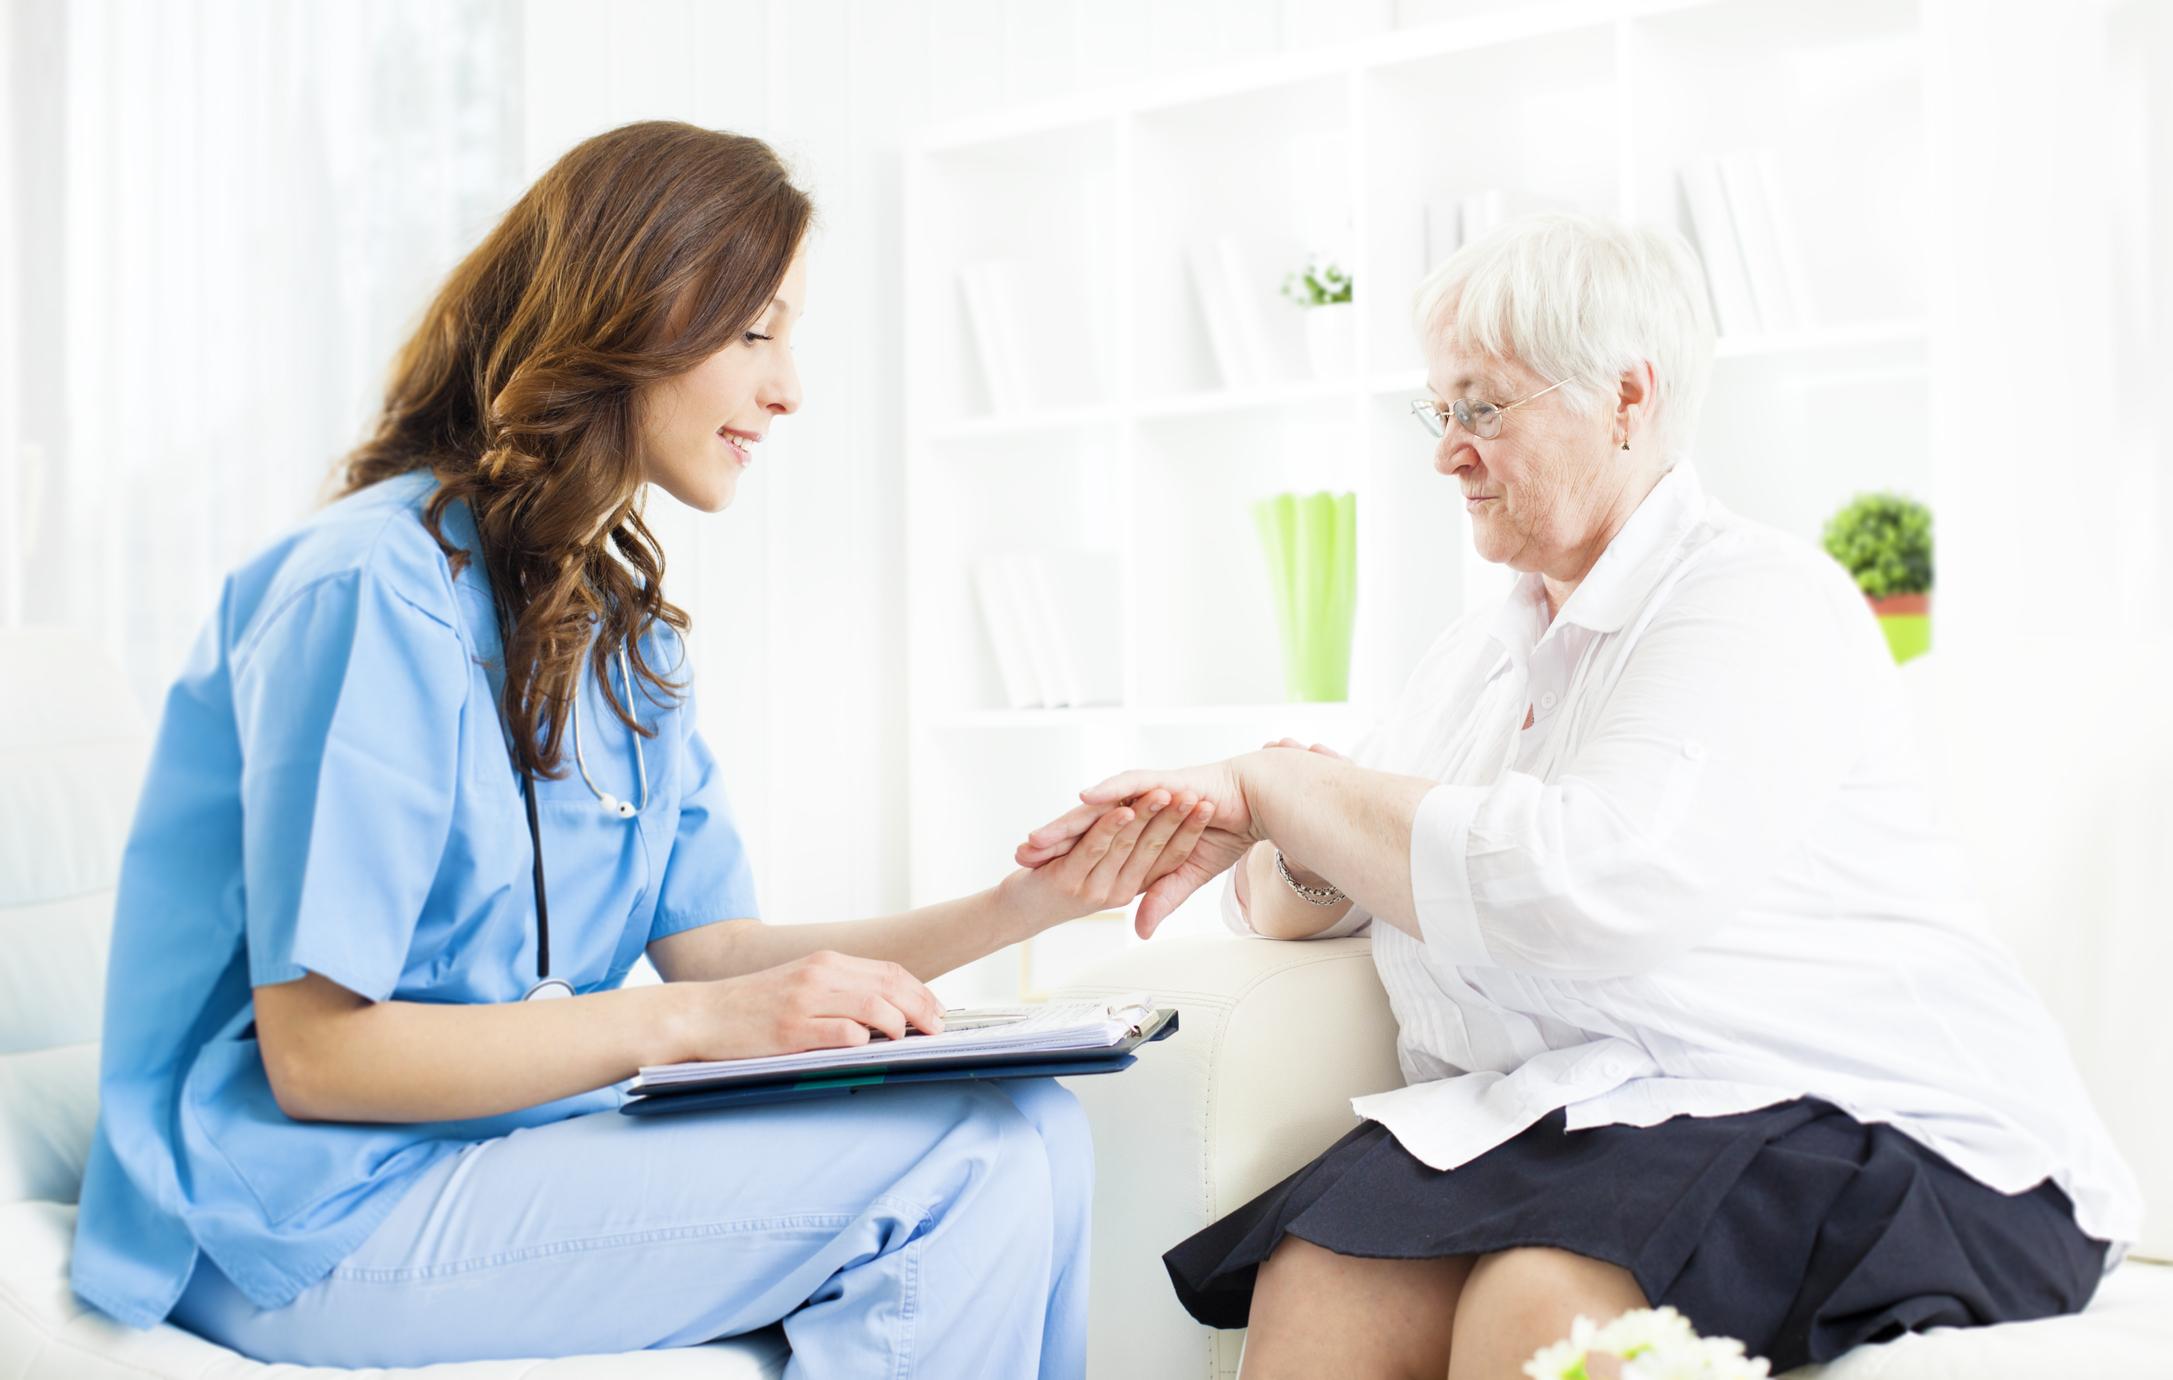 psoriasis-patient-w-doctor.jpg